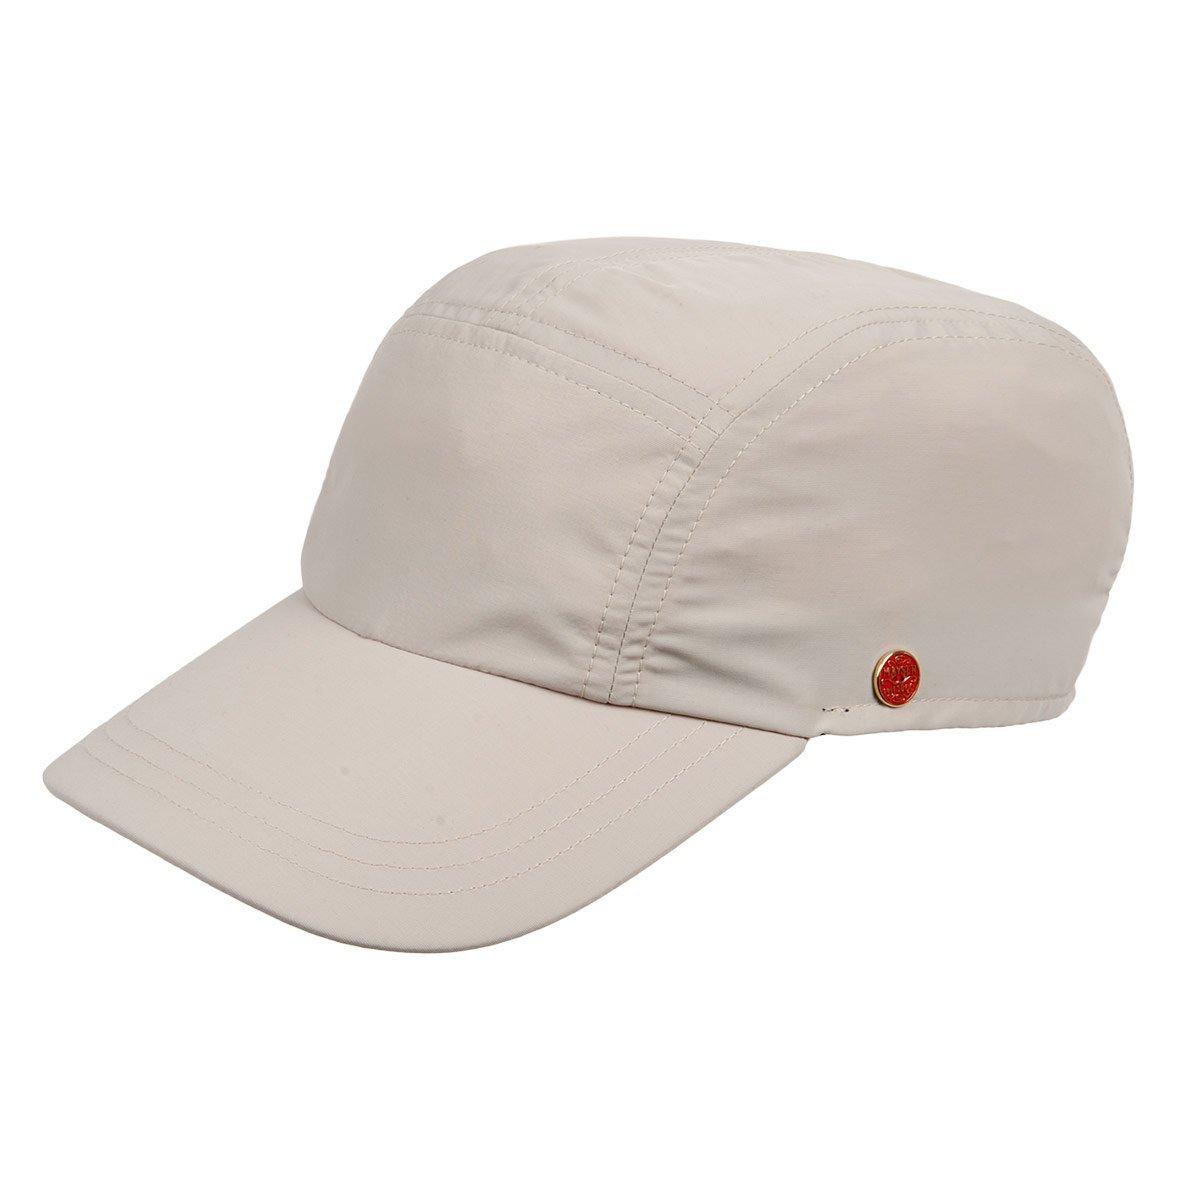 accogliente fresco nuovi prodotti caldi alta qualità MAYSER | berretto visiera baseball con protezione uv60+, EUR 59,90 ...